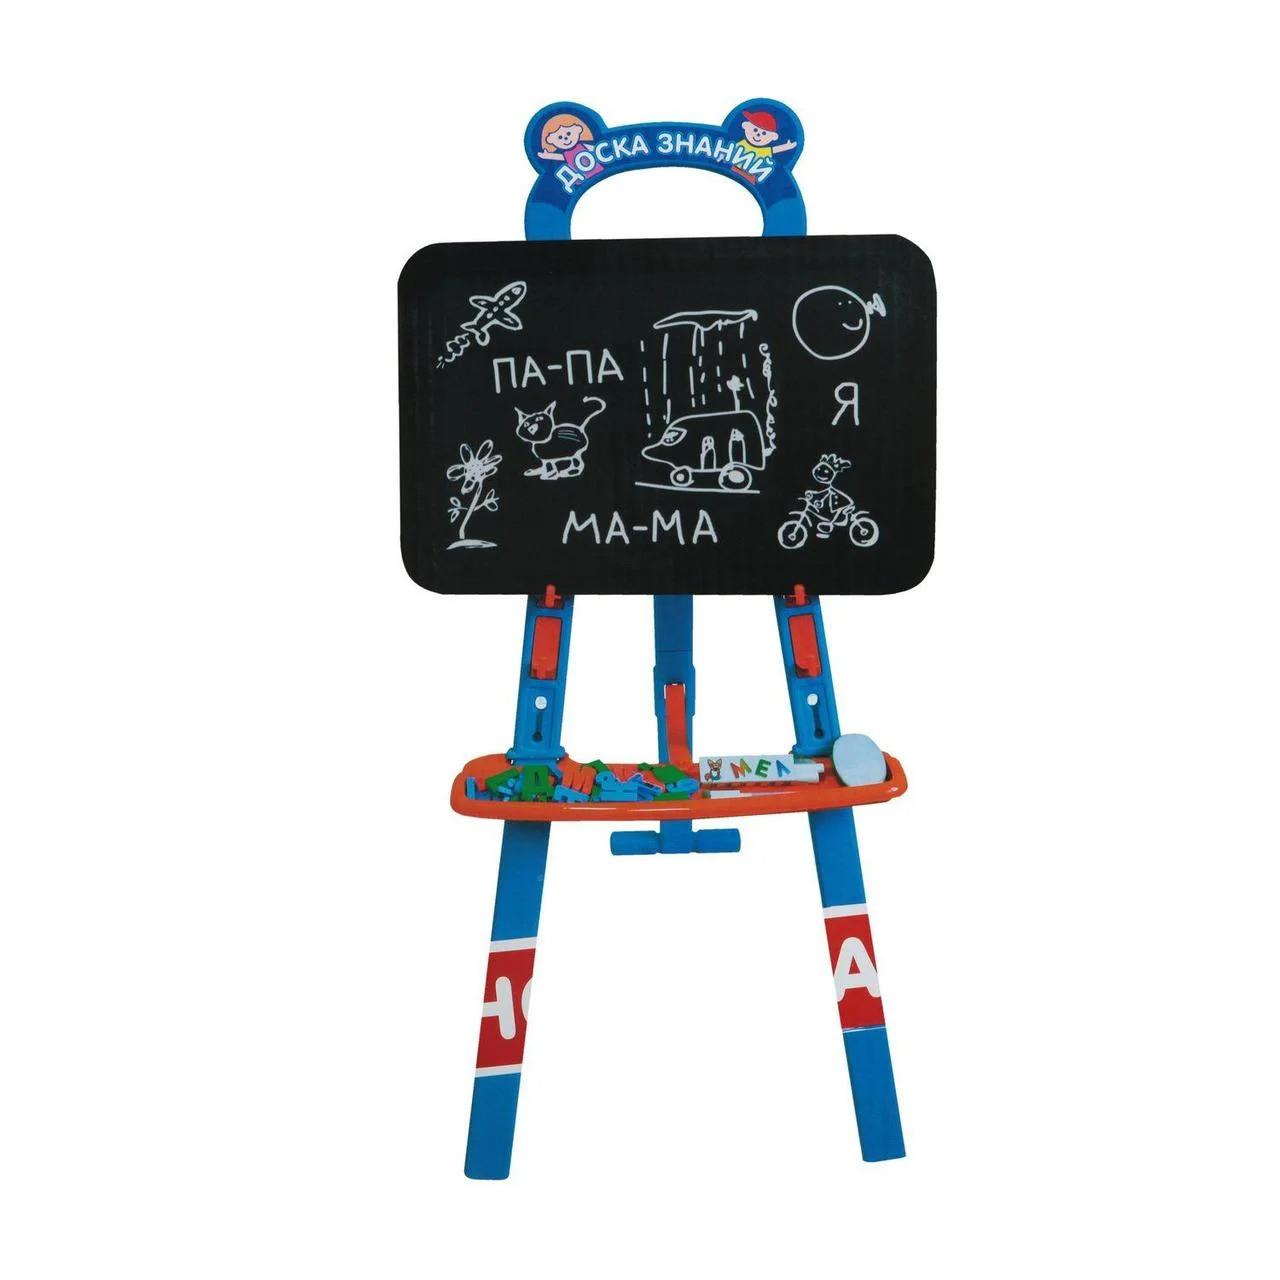 """Детский мольберт """" доска знаний"""" joy toy - фото 3"""